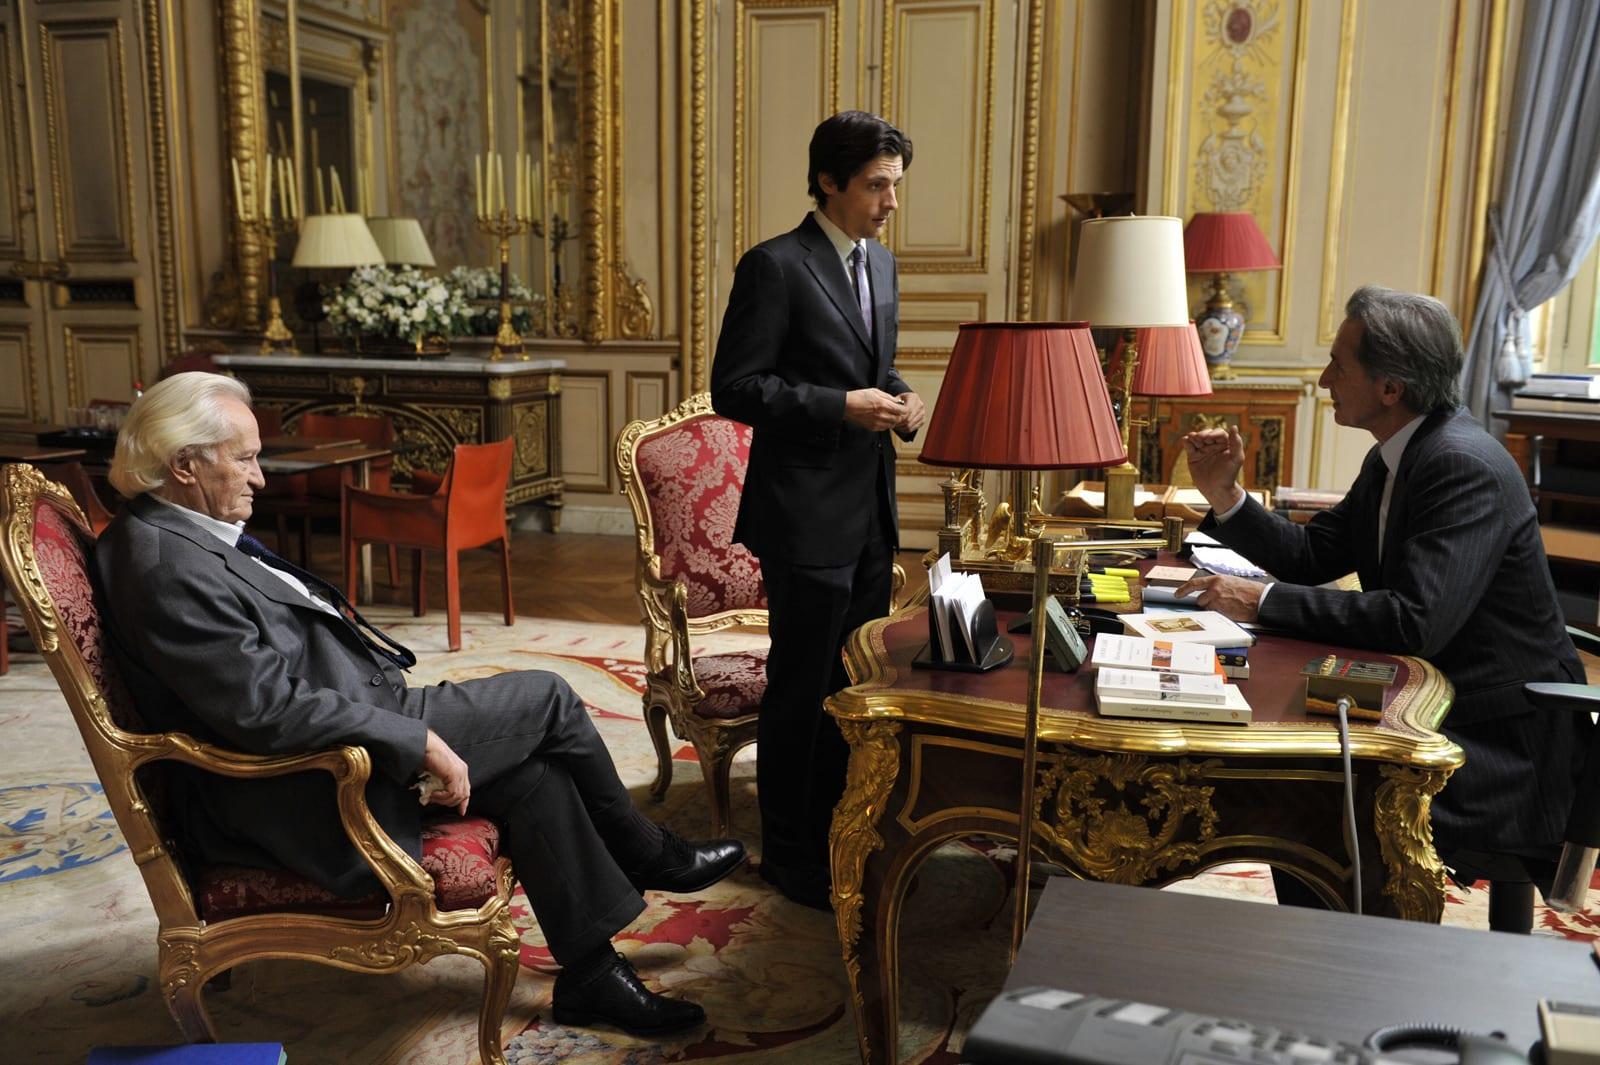 francuskiminister